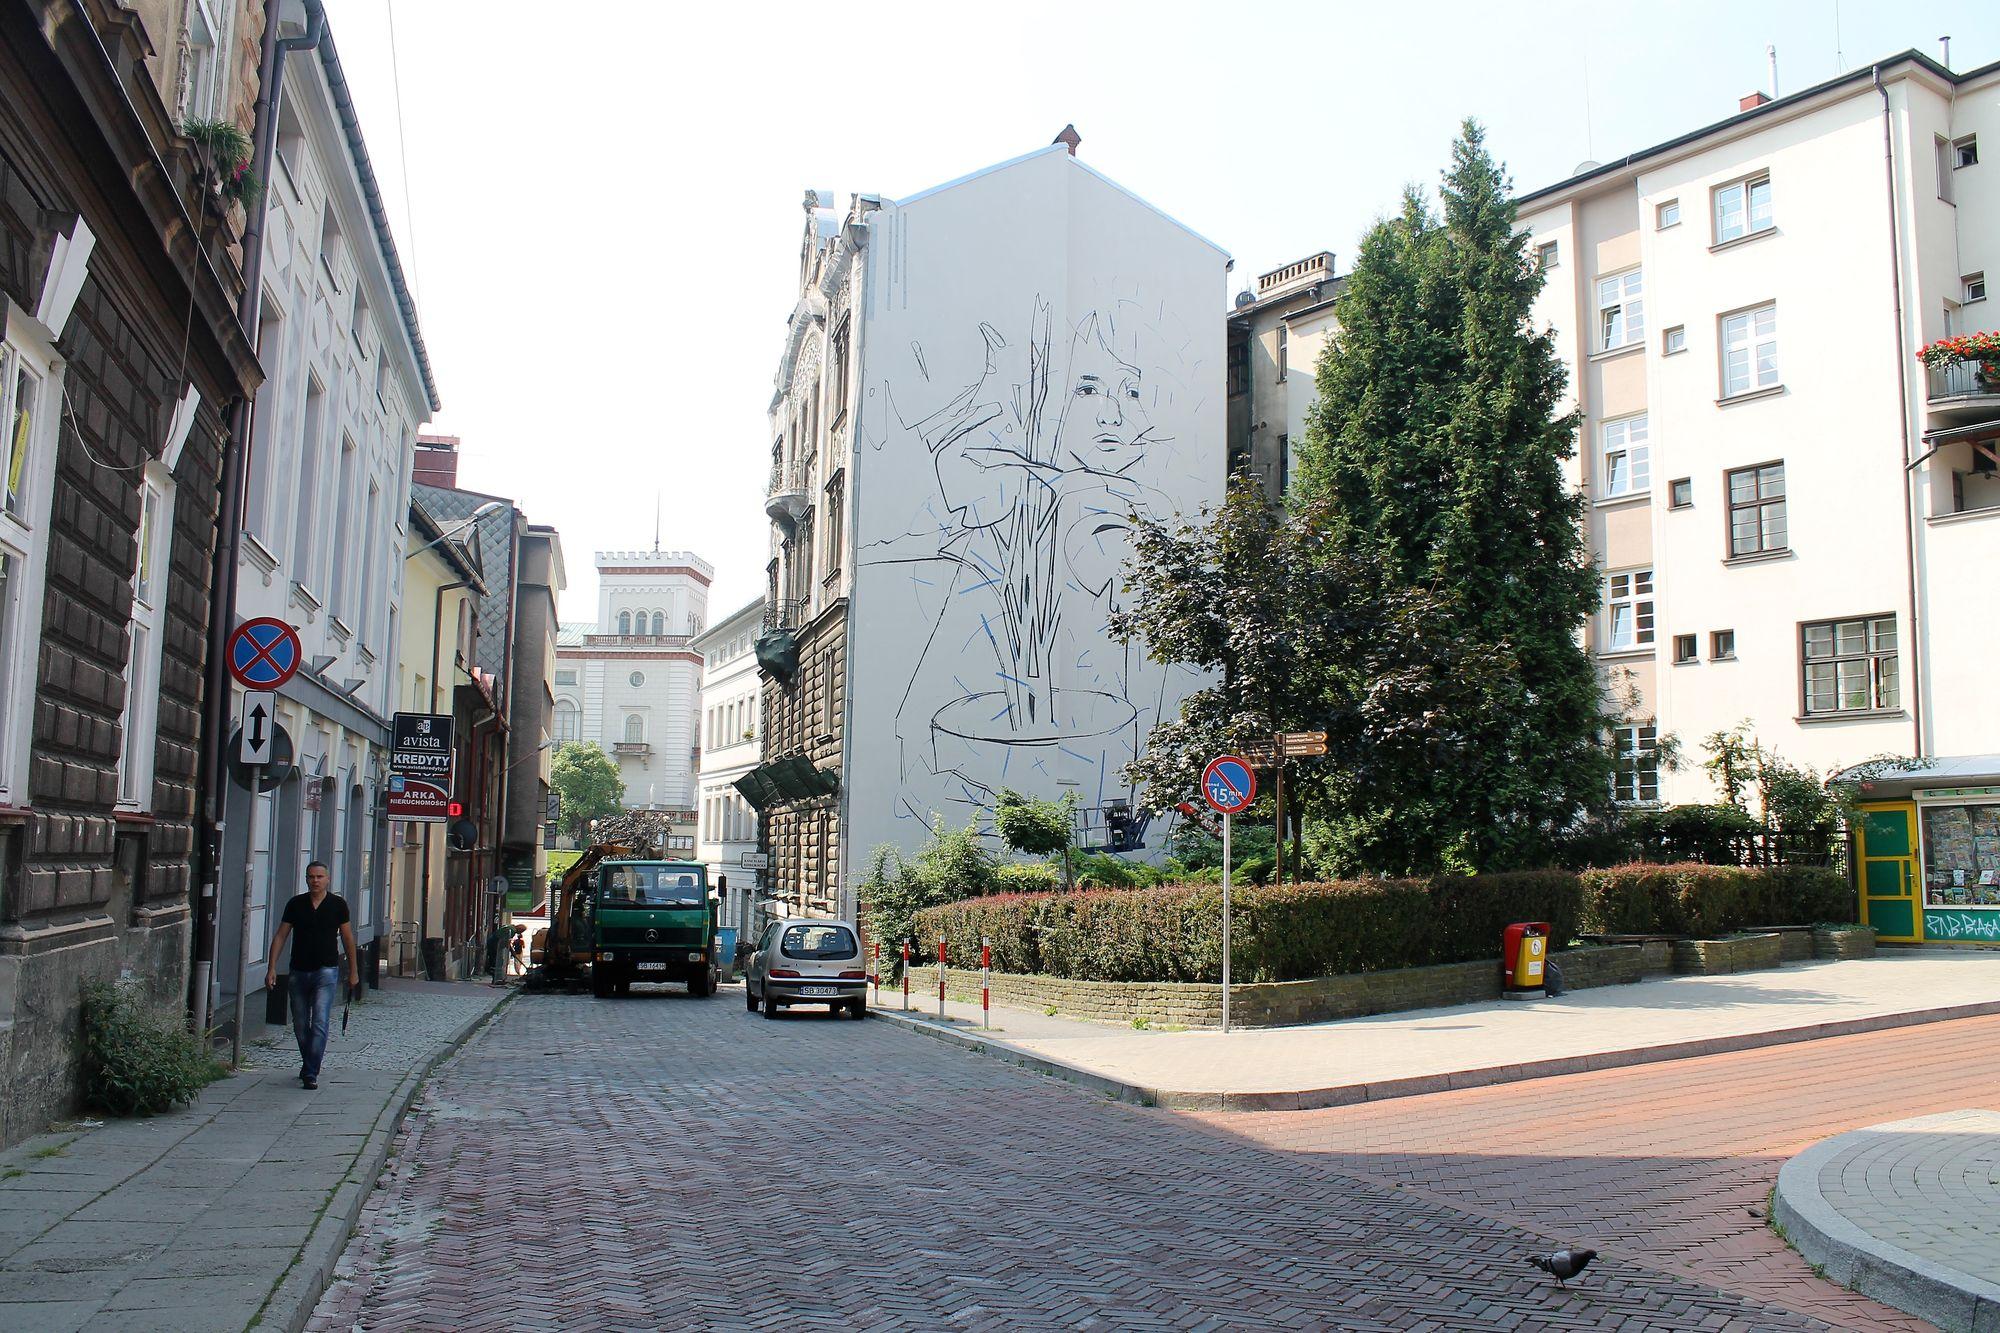 Realizacja muralu Bezta, ul Mickiewicza w Bielsku-Białej, fot. Justyna Łabądź (źródło: materiały prasowe organizatora)